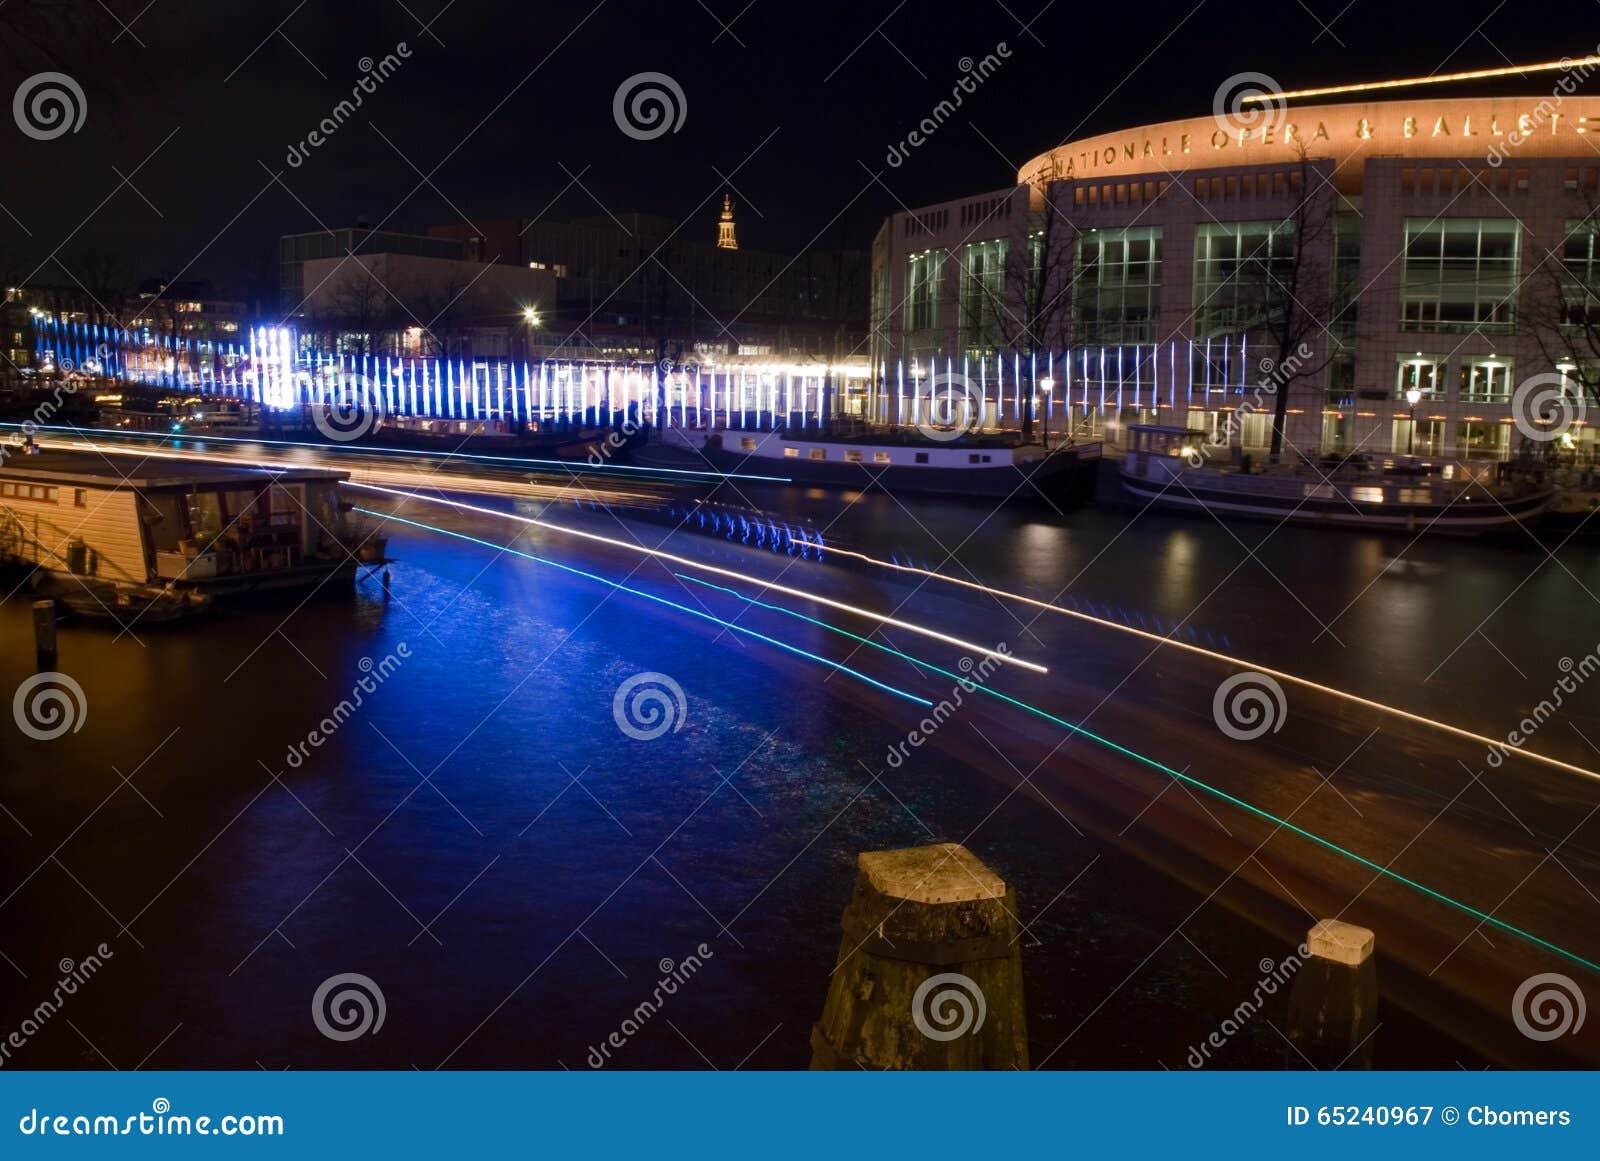 Licht Tour Amsterdam : Musiktheater am amsterdam licht festival redaktionelles